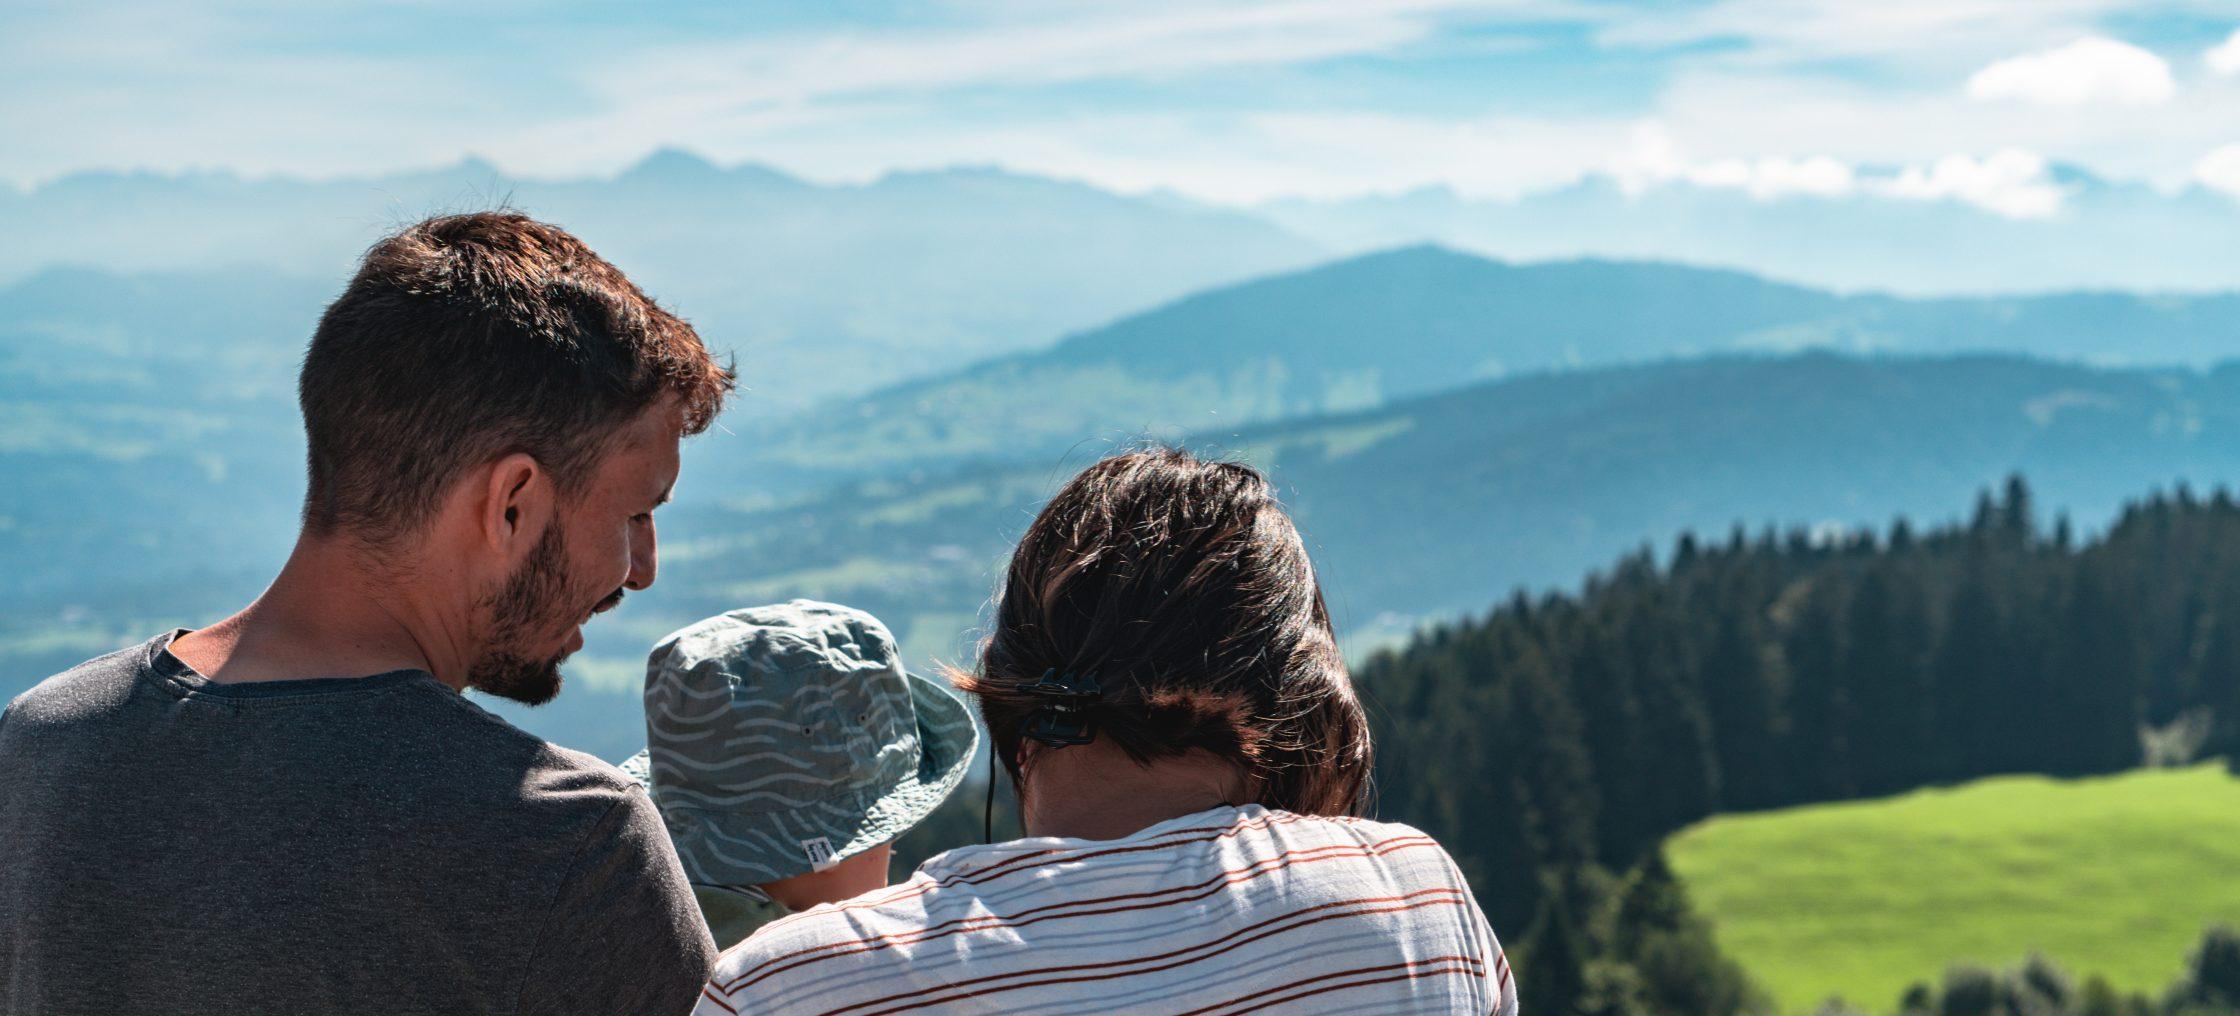 Paar mit Kleinkind am Aussichtspunkt mit Blick auf Landschaft beim Bodensee